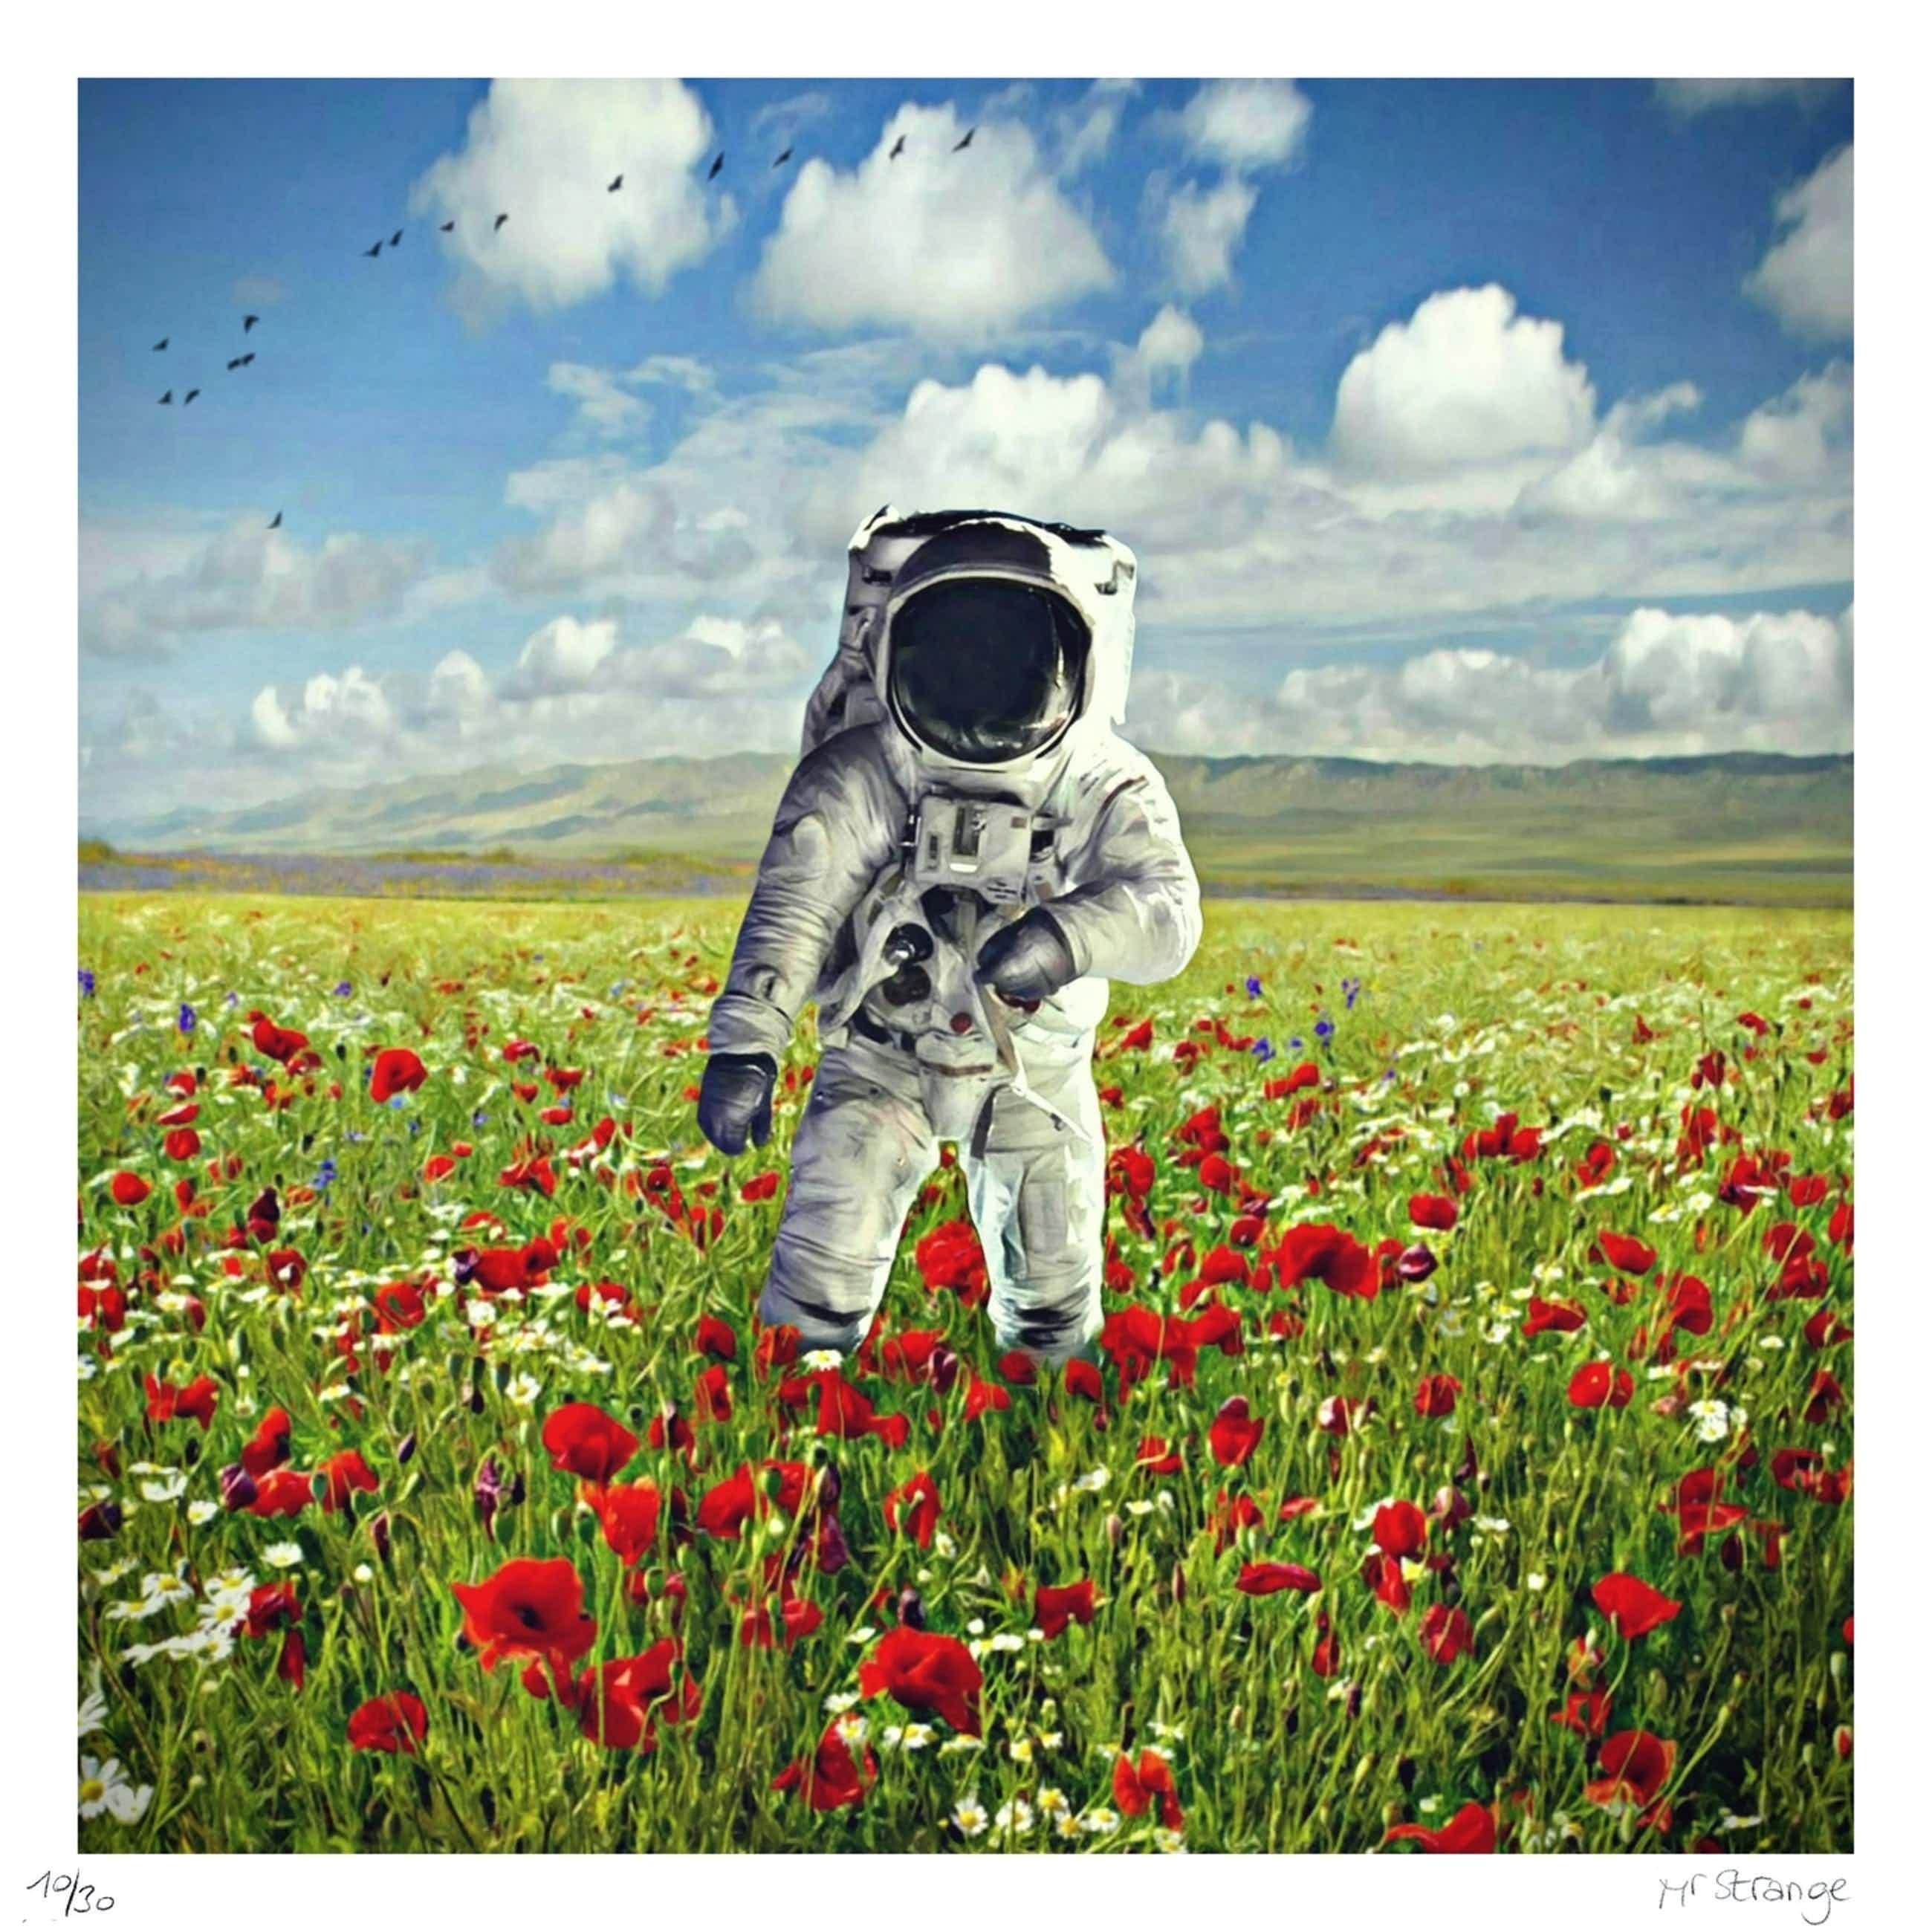 Mr. Strange - Champs de Fleurs sur la planète Terre kopen? Bied vanaf 60!